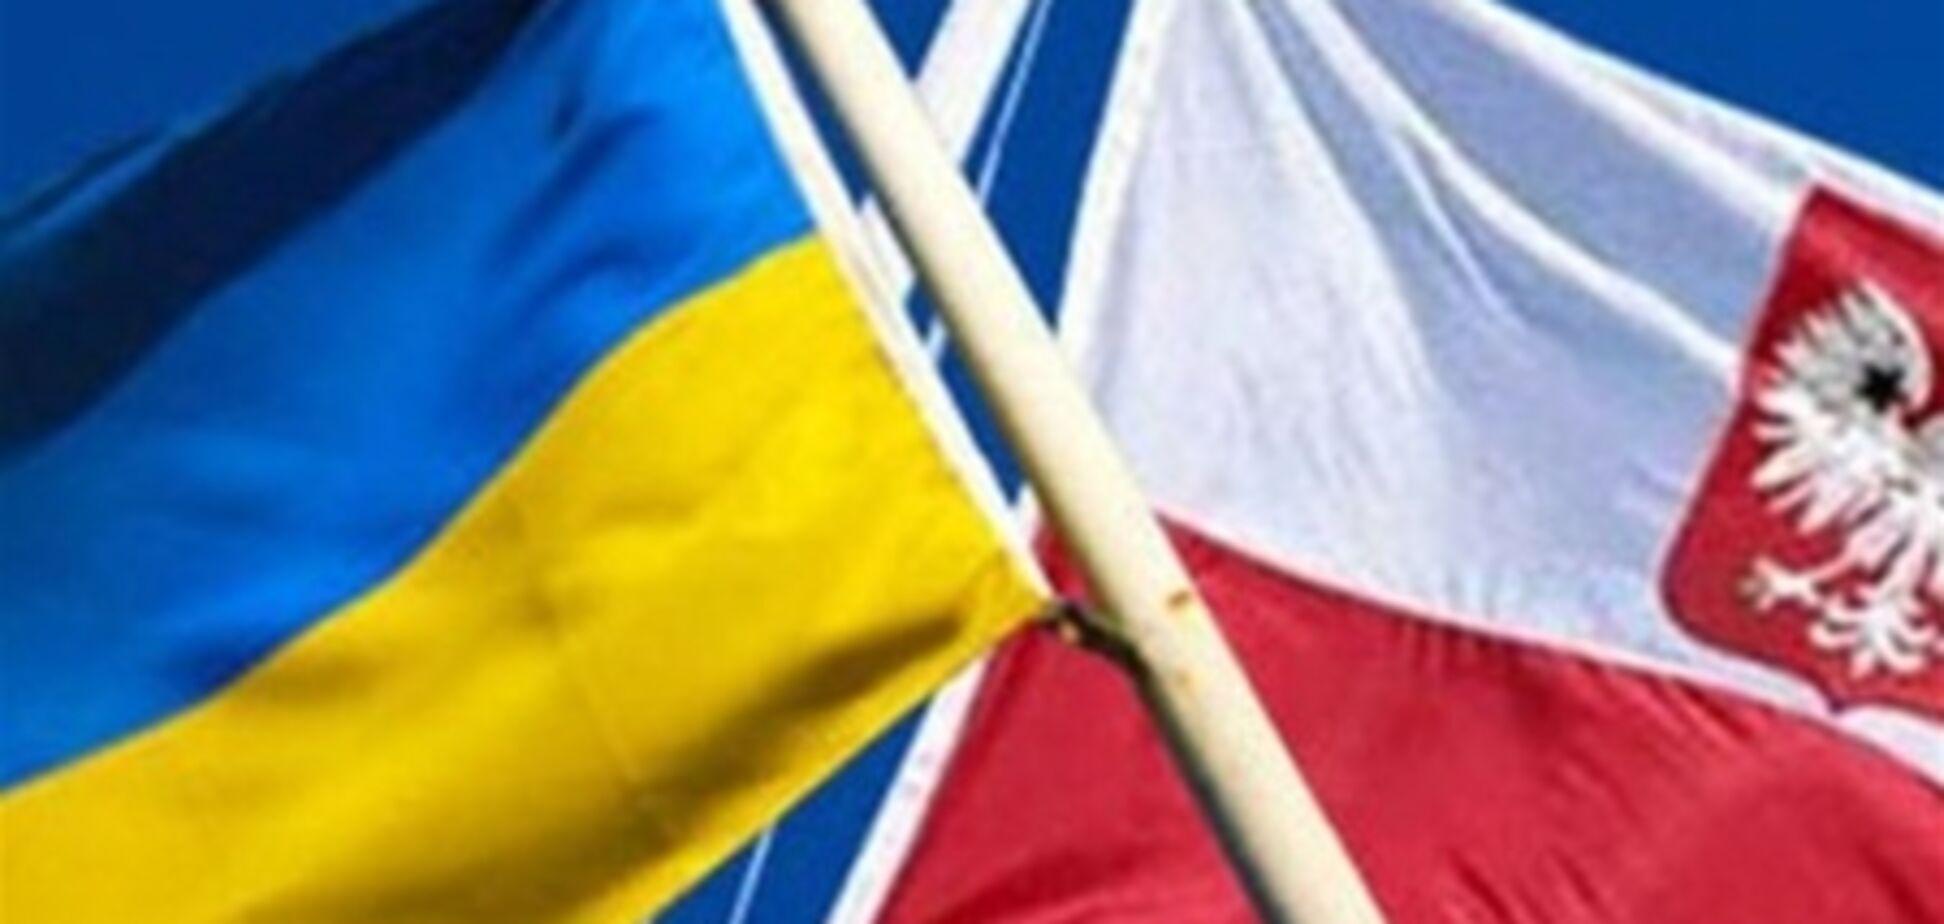 Чому тільки 'фраєр' може дати передоплату українцю?